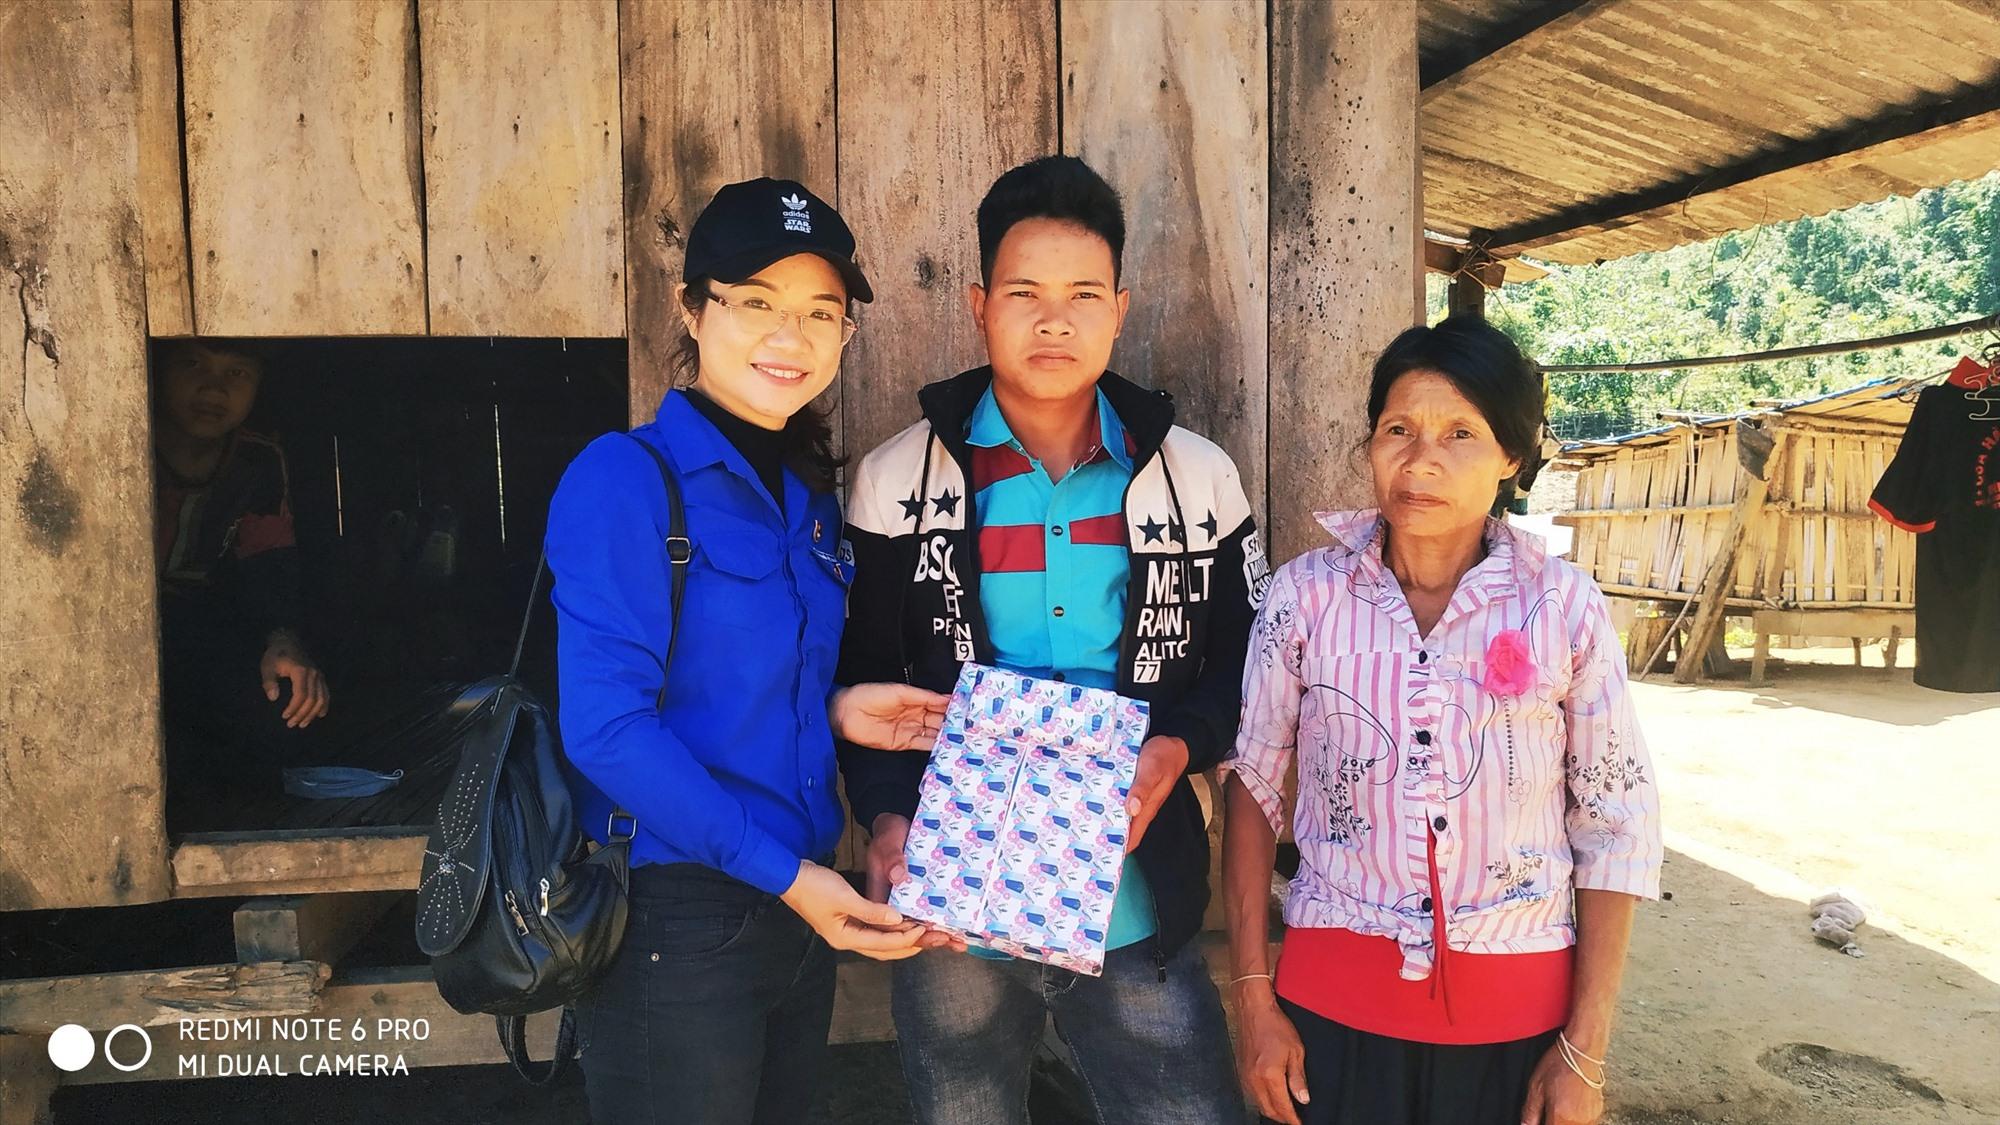 Chị Phạm Thị Mỹ Hạnh - Phó Bí thư Huyện đoàn Nam Trà My đến thăm, tặng quà cho các tân binh.